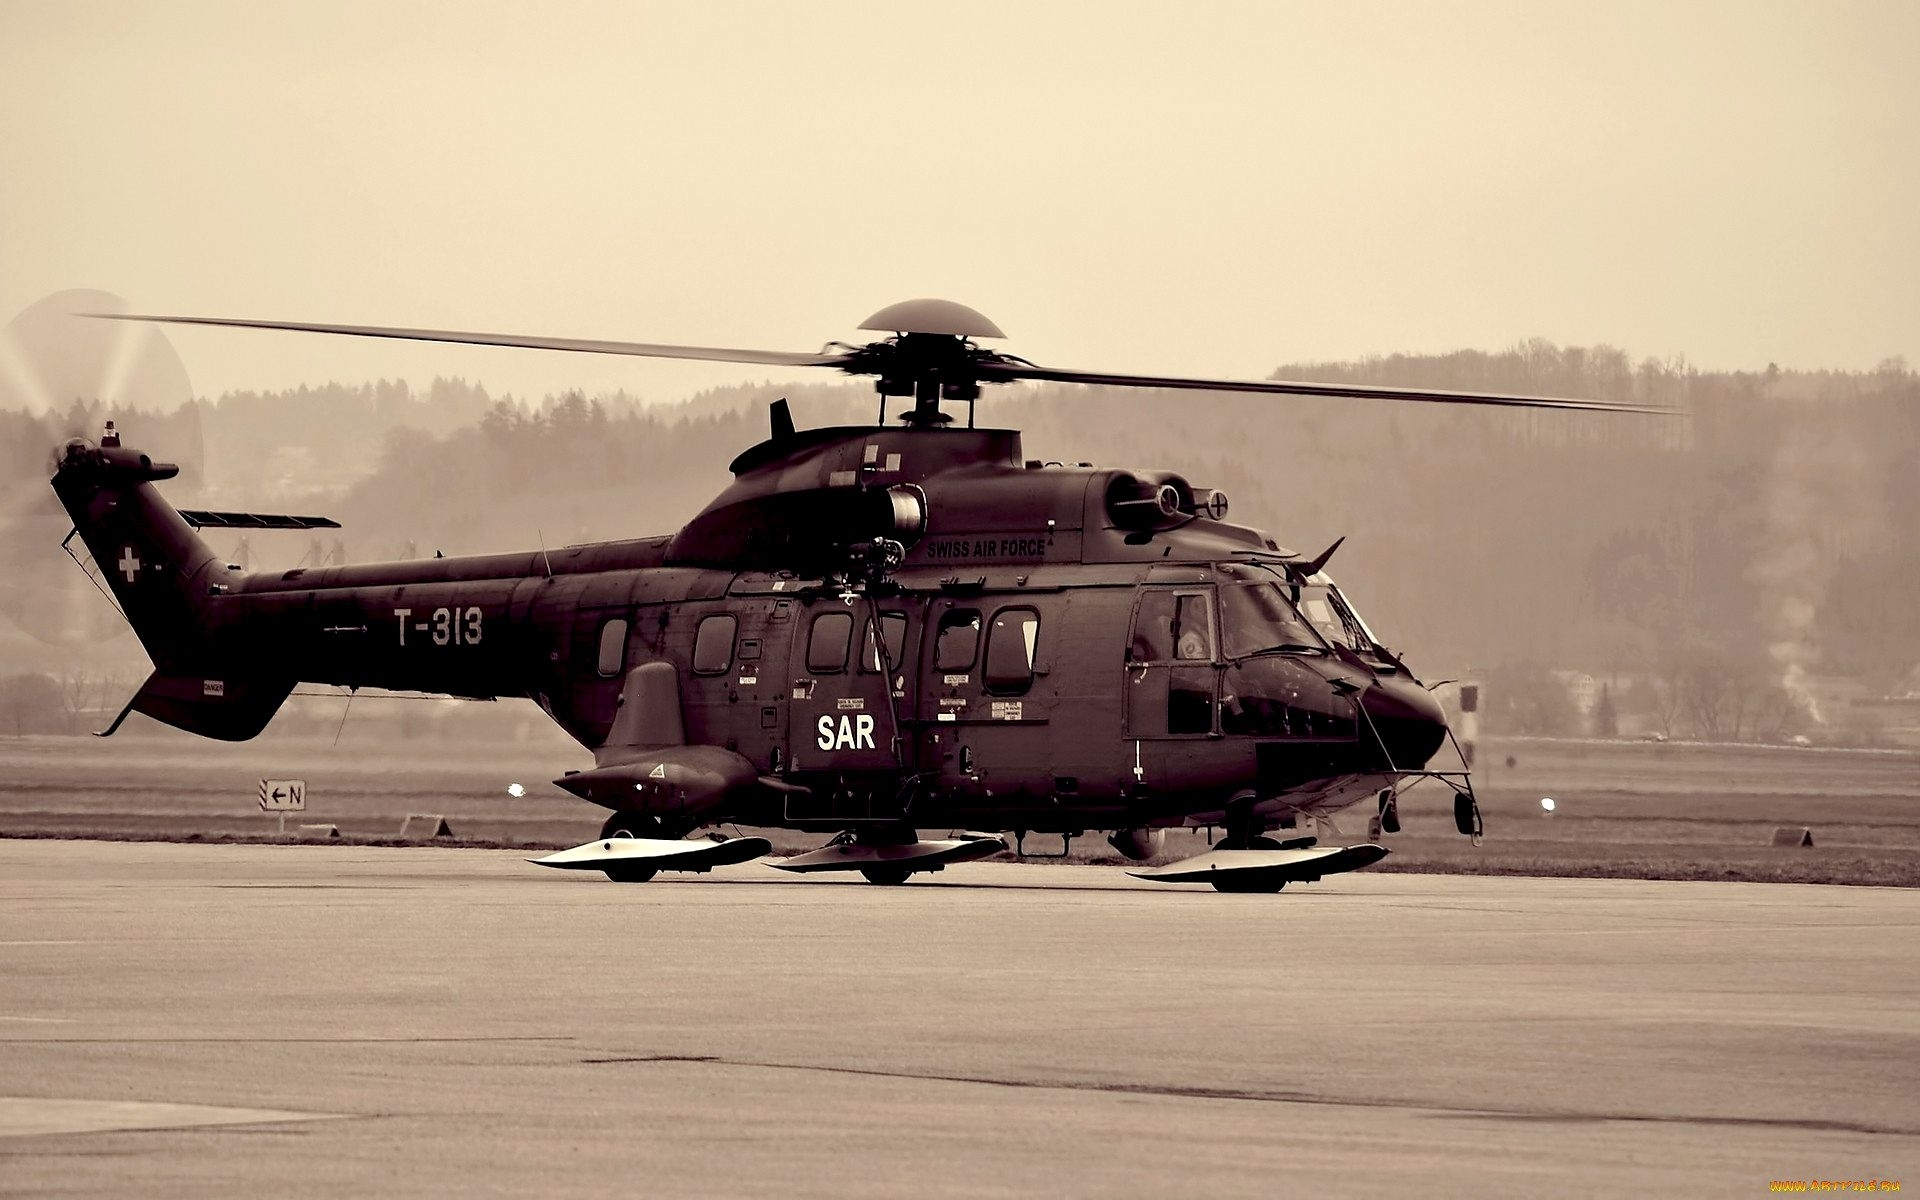 Скачать картинку Вертолеты, Транспорт в телефон бесплатно.